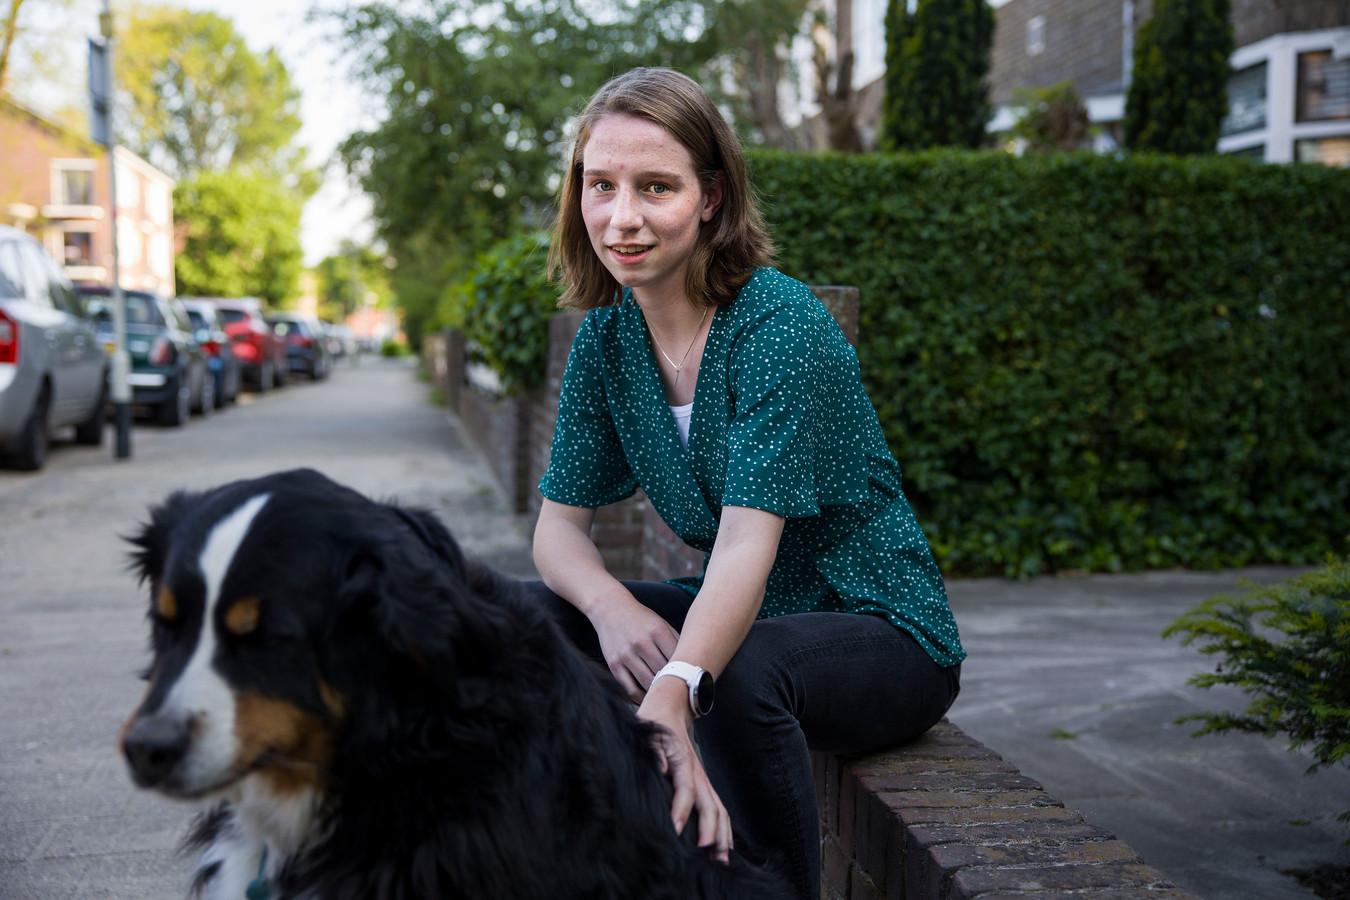 Eef Jansen (15) heeft na bijna een half jaar nog steeds klachten zoals vermoeidheid en geen smaak en reuk, terwijl ze amper ziek is geweest.